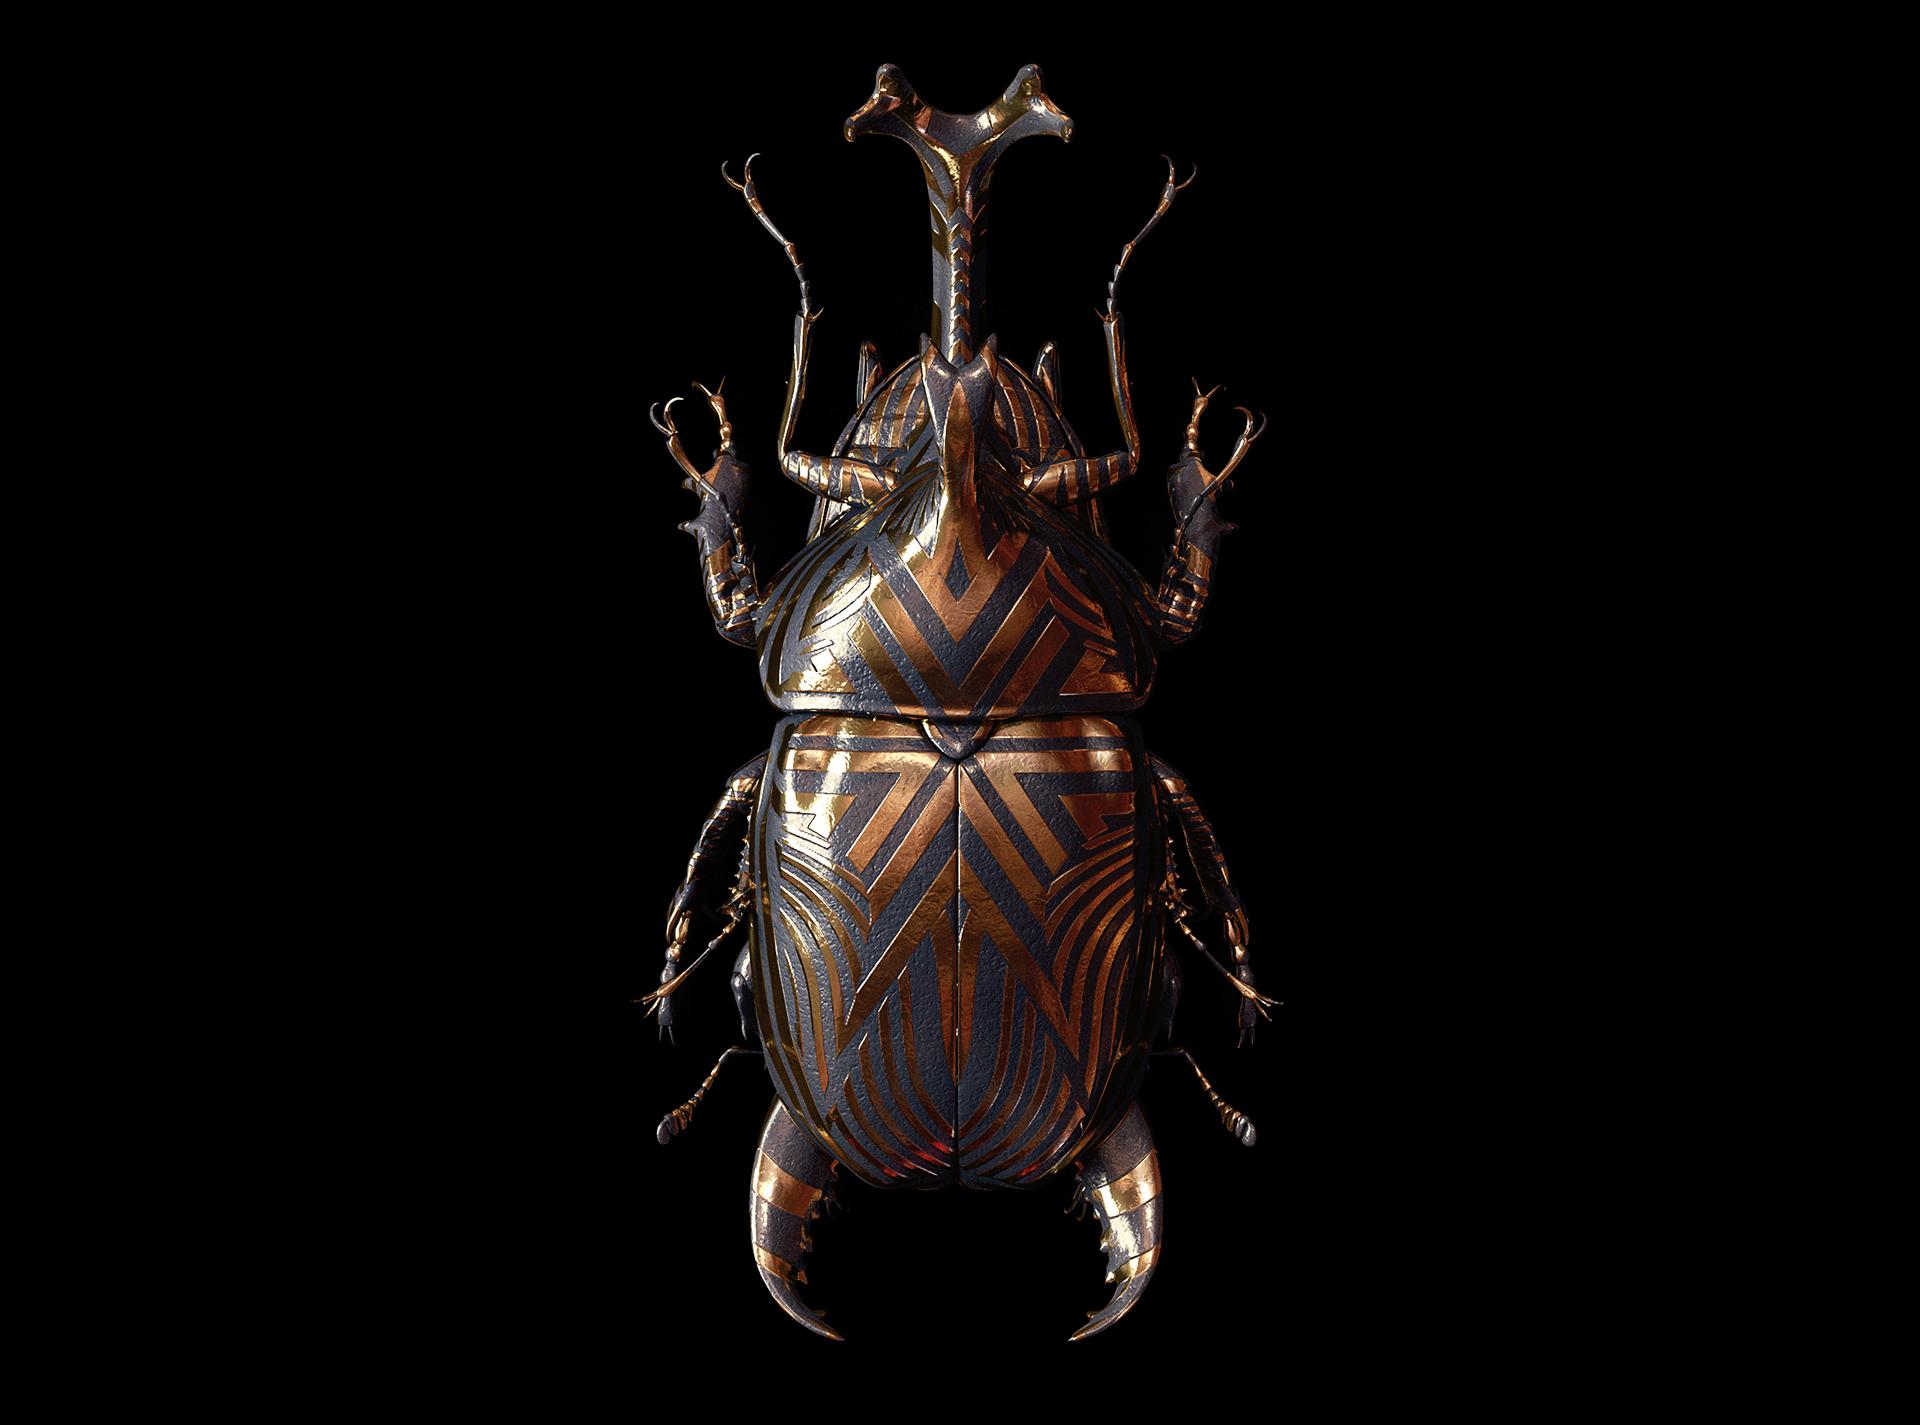 'Engraved Entpmology', le projet d'art digital mirifique de Billelis